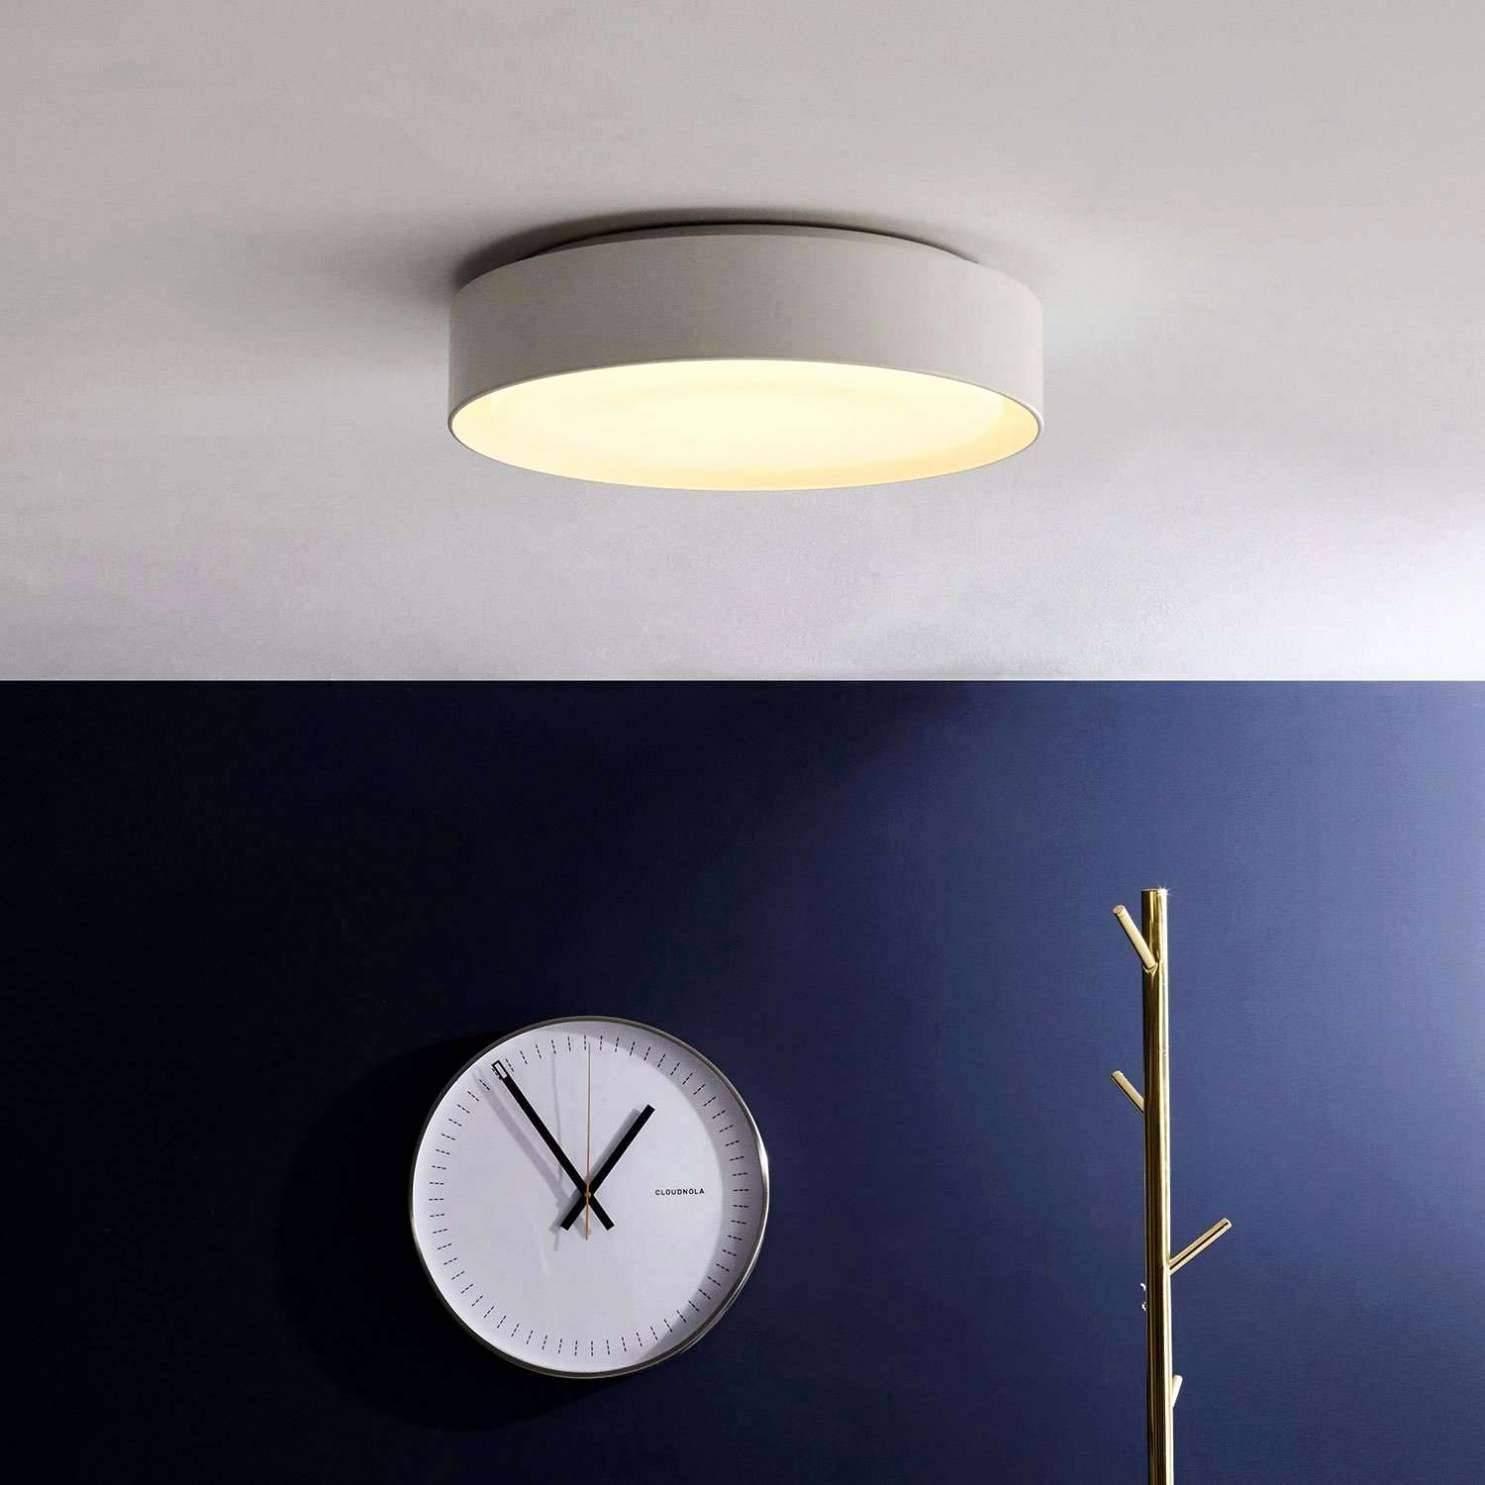 Full Size of Deckenlampe Modern Wohnzimmer Led Das Beste Von Fresh Wohnzimmerlampe Deckenlampen Deckenleuchte Schlafzimmer Für Moderne Esstische Esstisch Küche Holz Bett Wohnzimmer Deckenlampe Modern